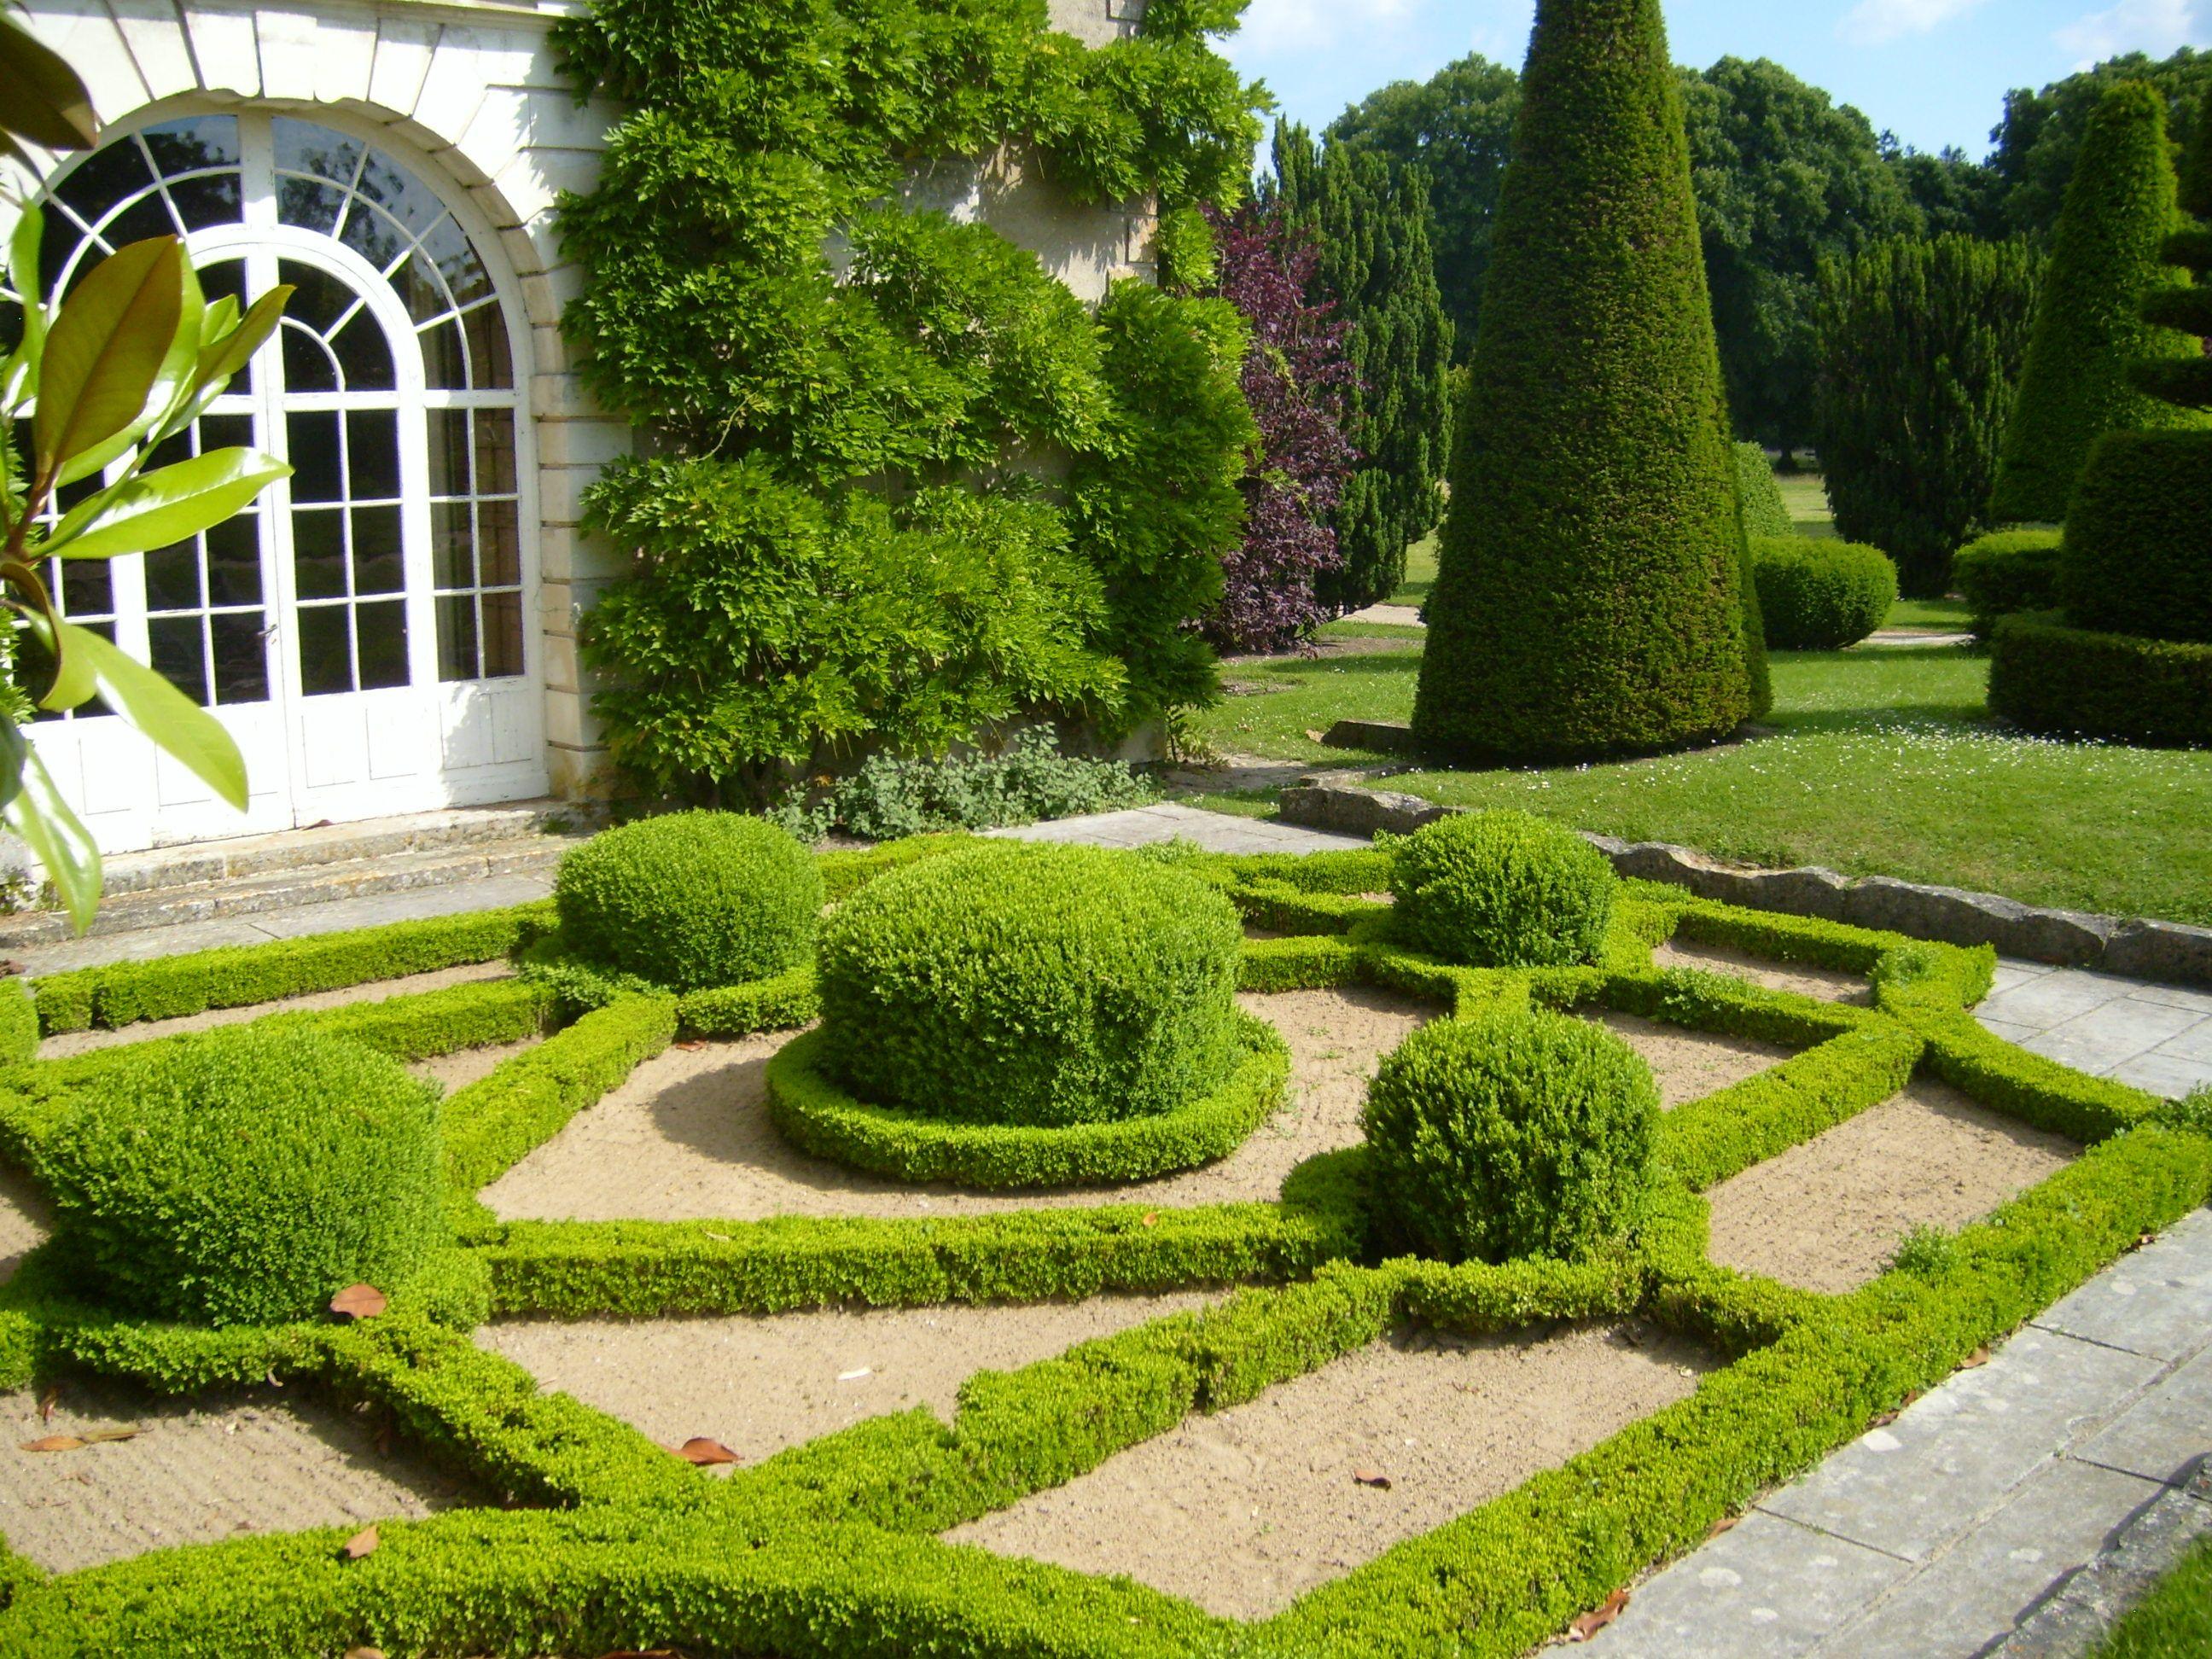 Ideas creativas y hermosas para jardines alvarodabril for Diseno de fuente de jardin al aire libre